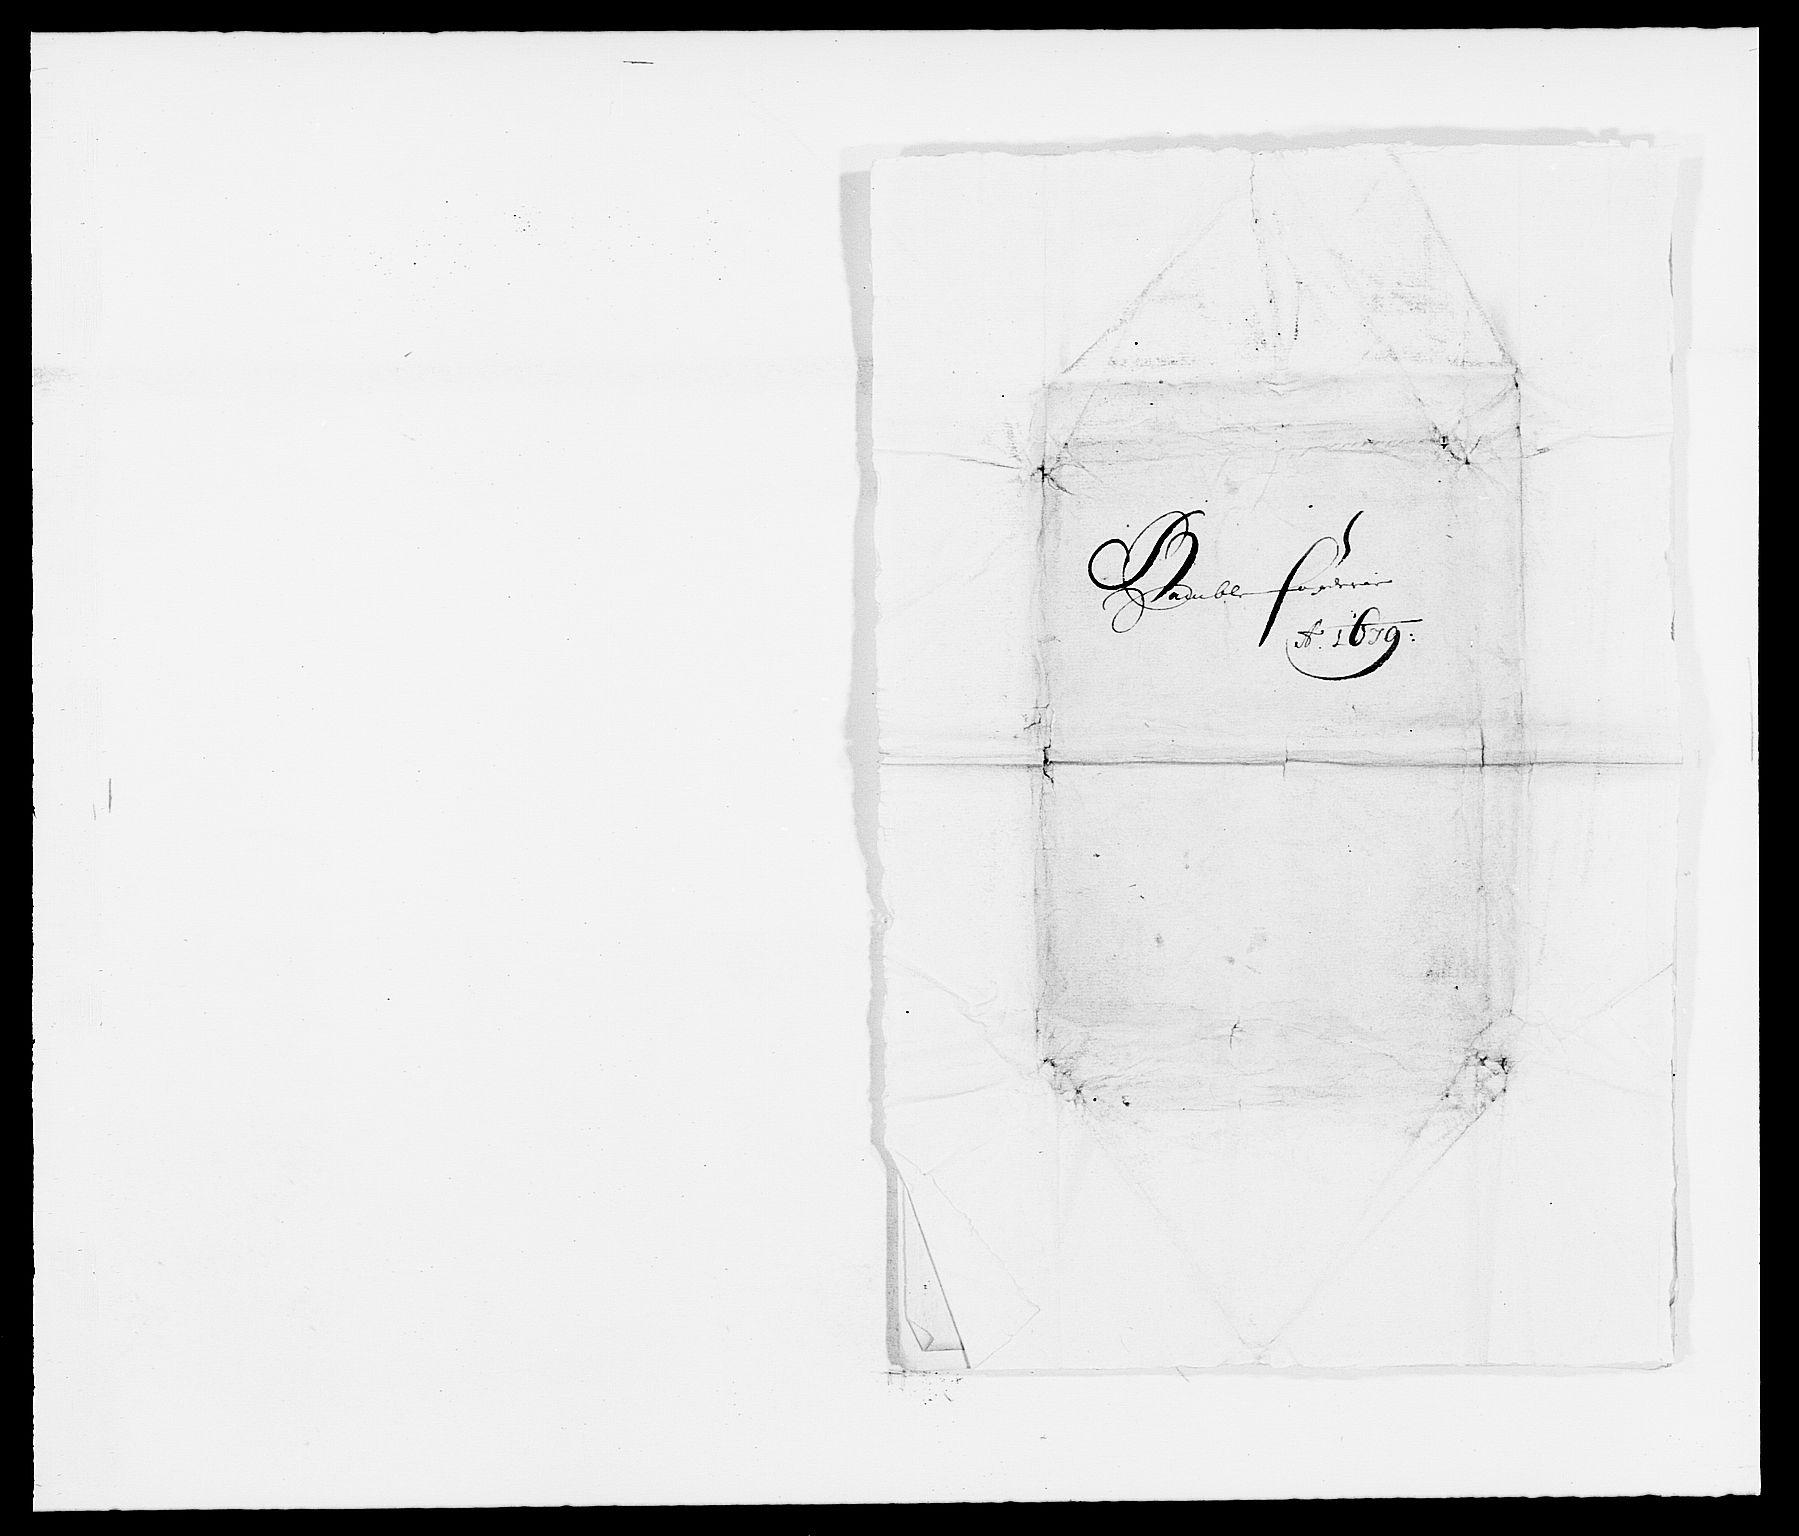 RA, Rentekammeret inntil 1814, Reviderte regnskaper, Fogderegnskap, R34/L2044: Fogderegnskap Bamble, 1678-1679, s. 427